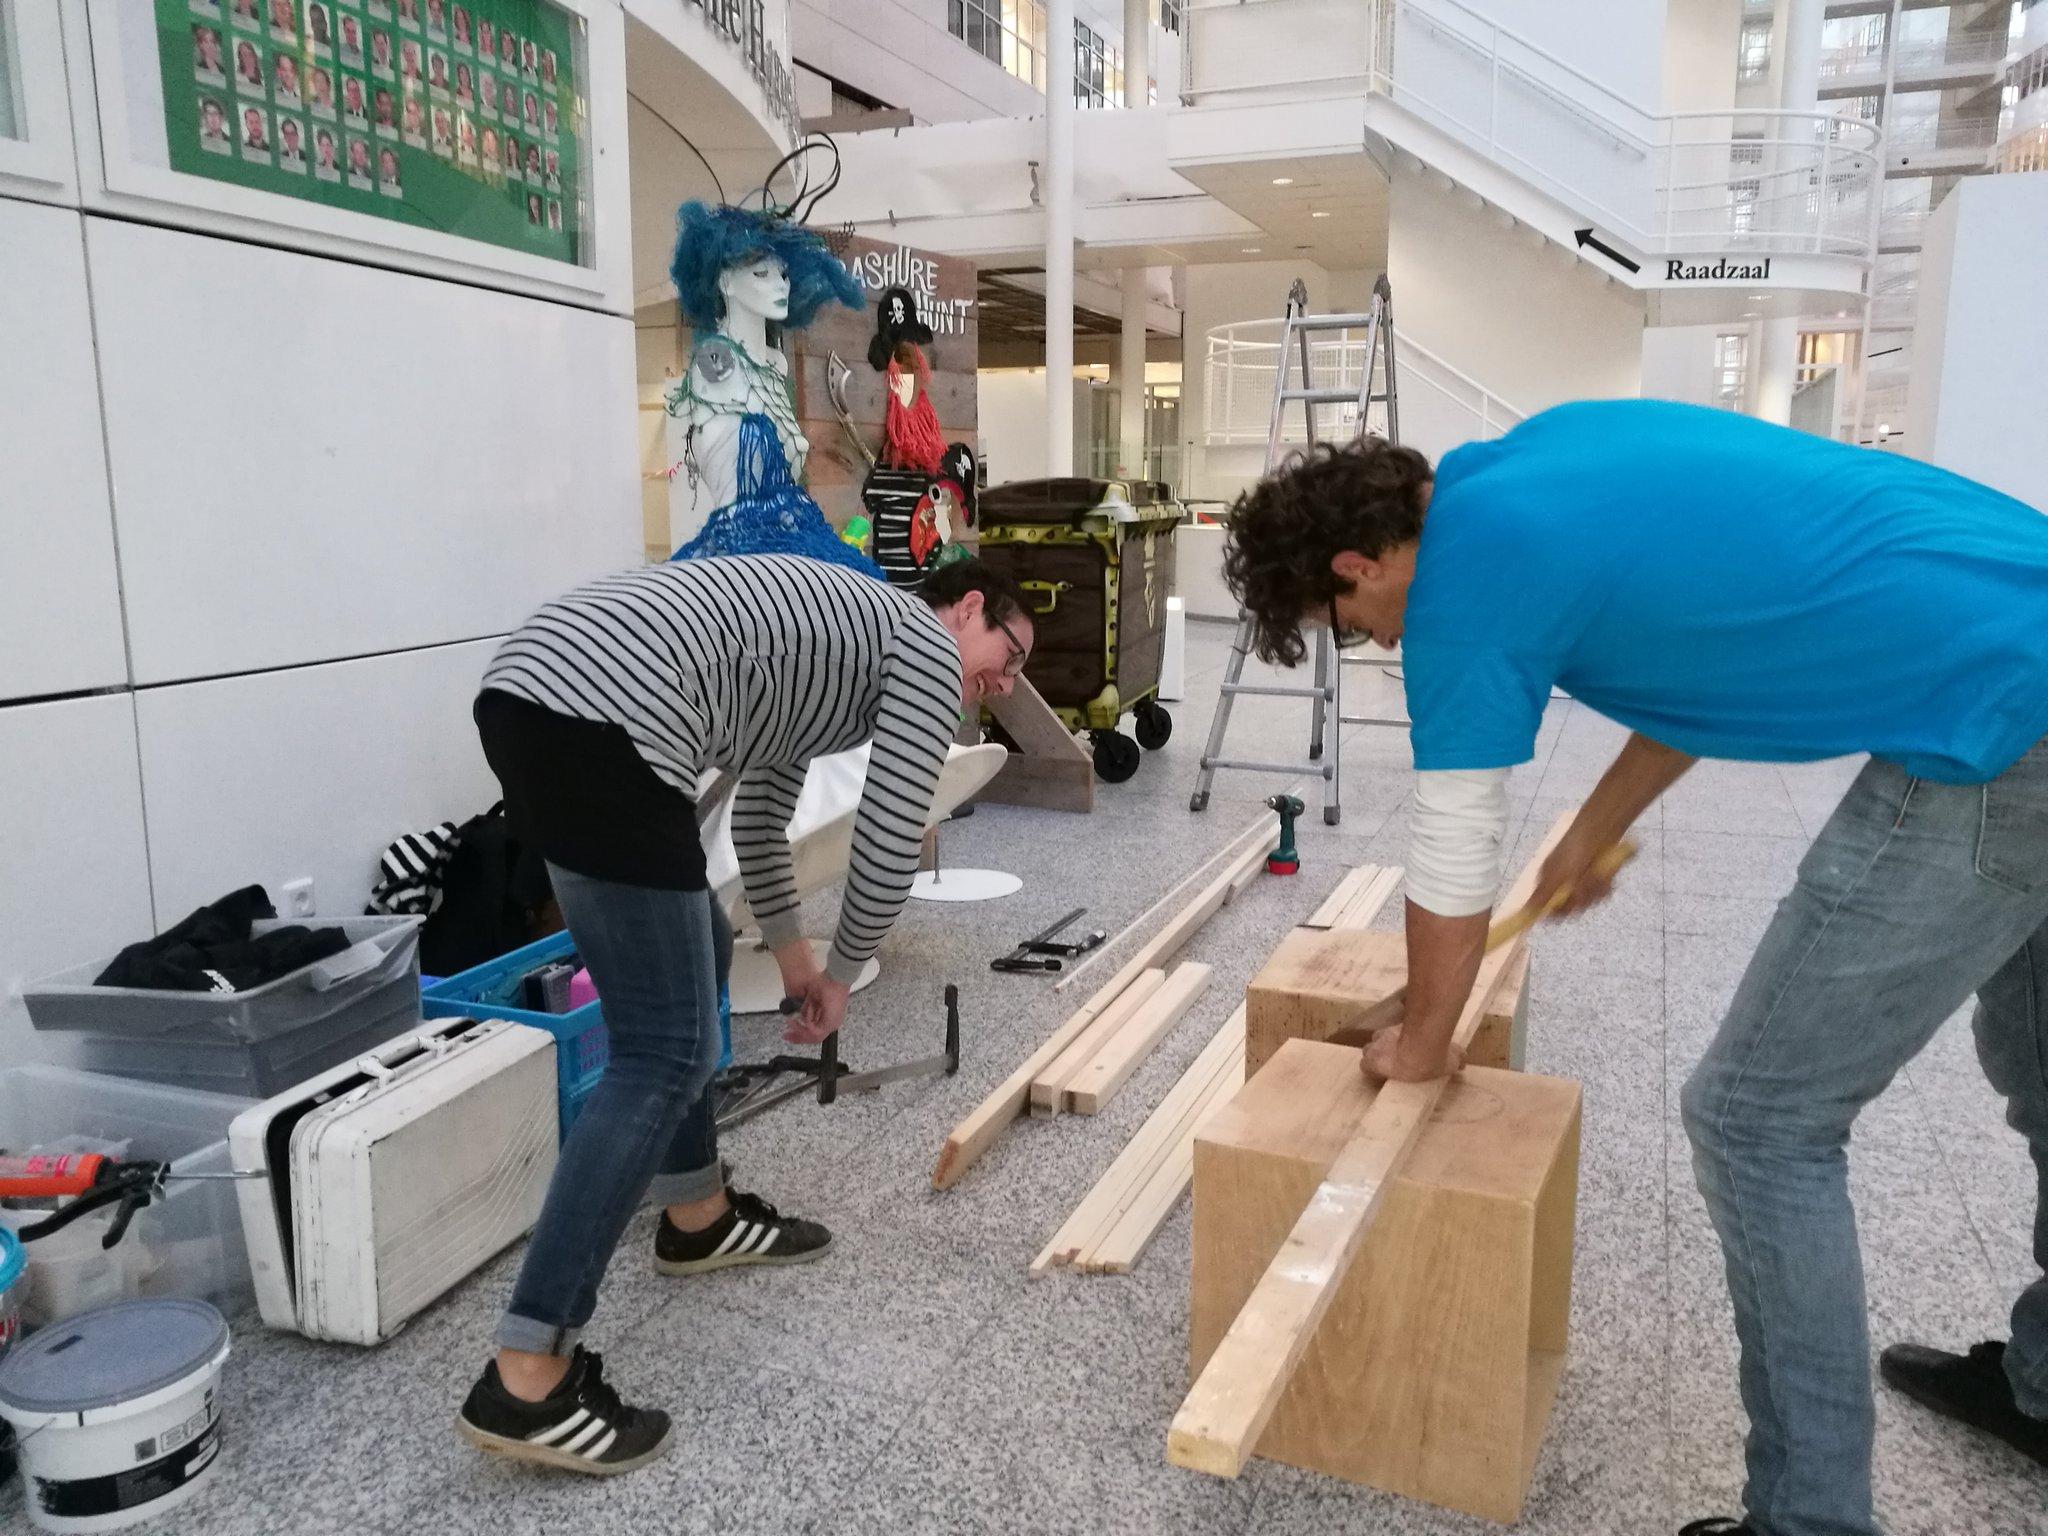 In het atrium wordt de tentoonstelling voor het slotfeest van de #opruimestafette opgebouwd https://t.co/UUoOSpVuwX